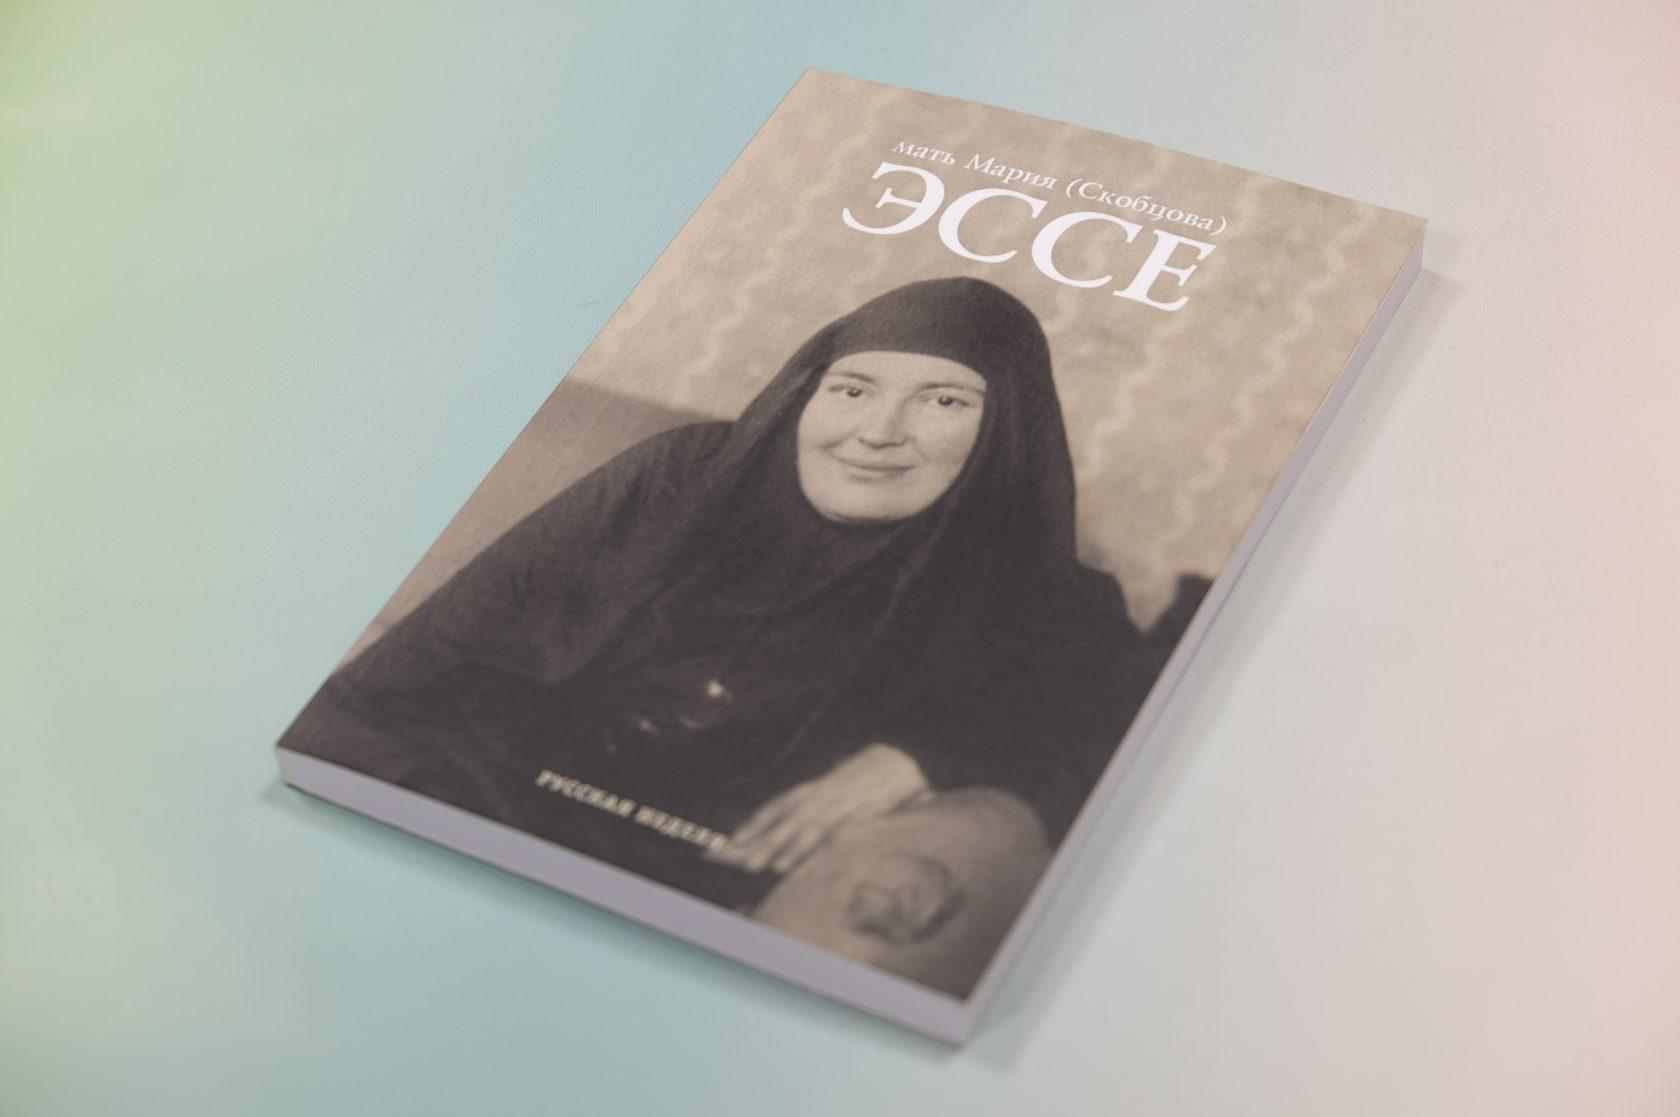 Мать Мария (Скобцова) «Эссе»